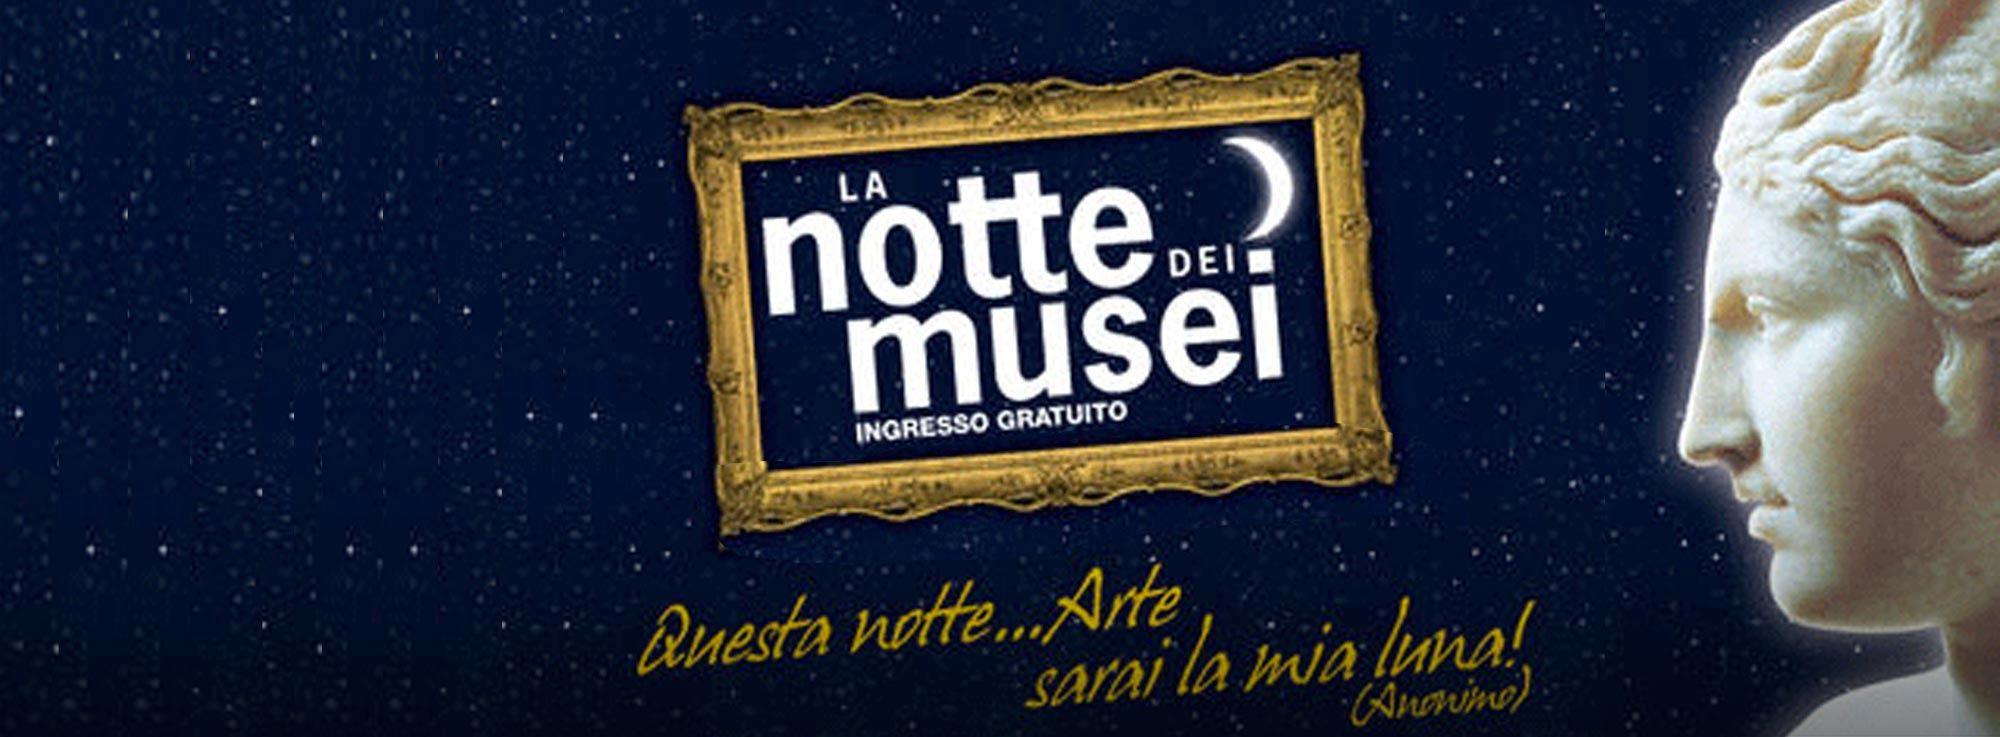 Canosa di Puglia: Notte dei Musei